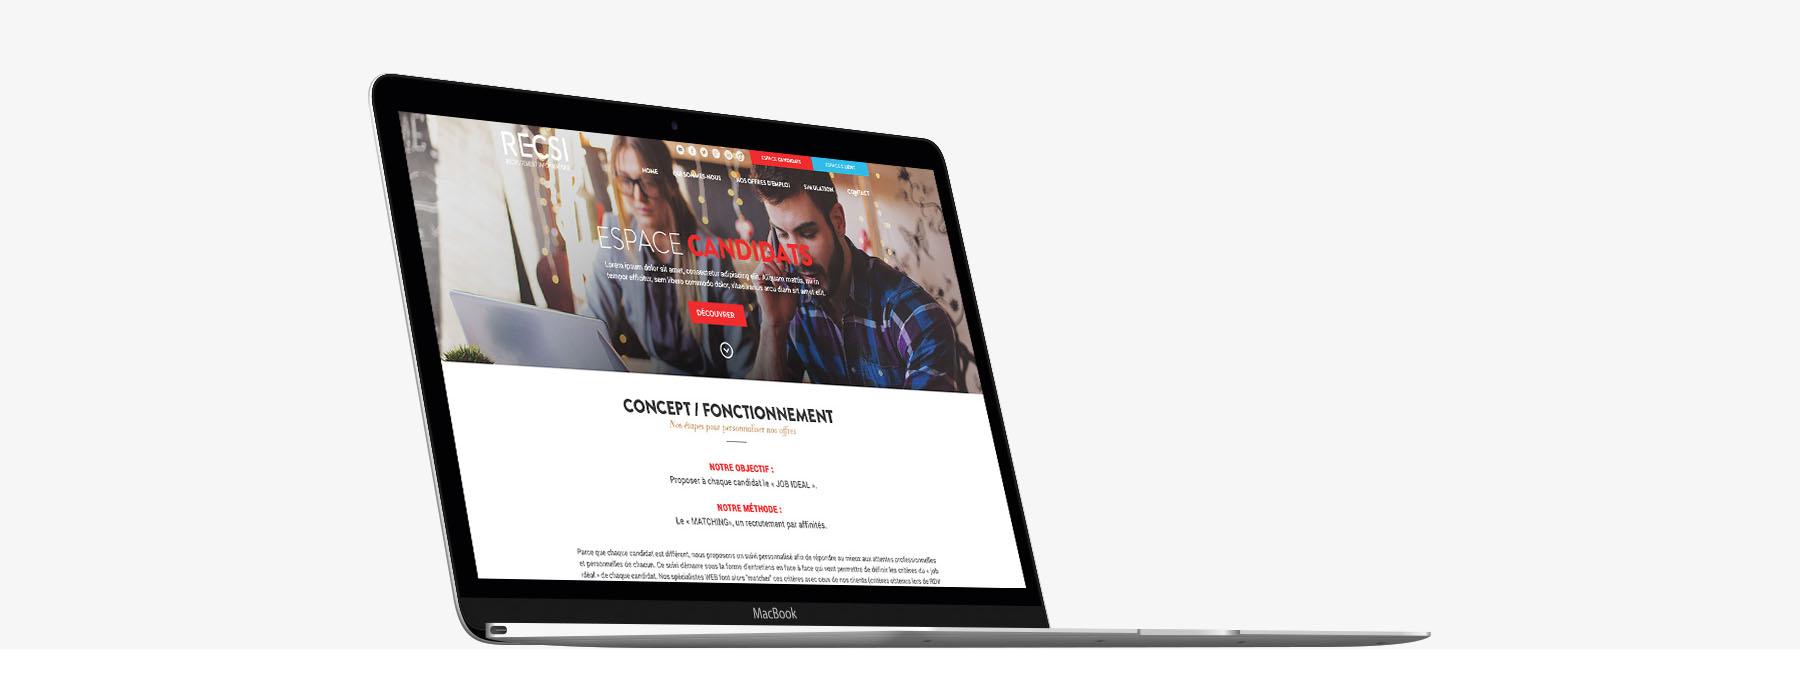 Recsi - Création site web sur mesure - Sharing Agency